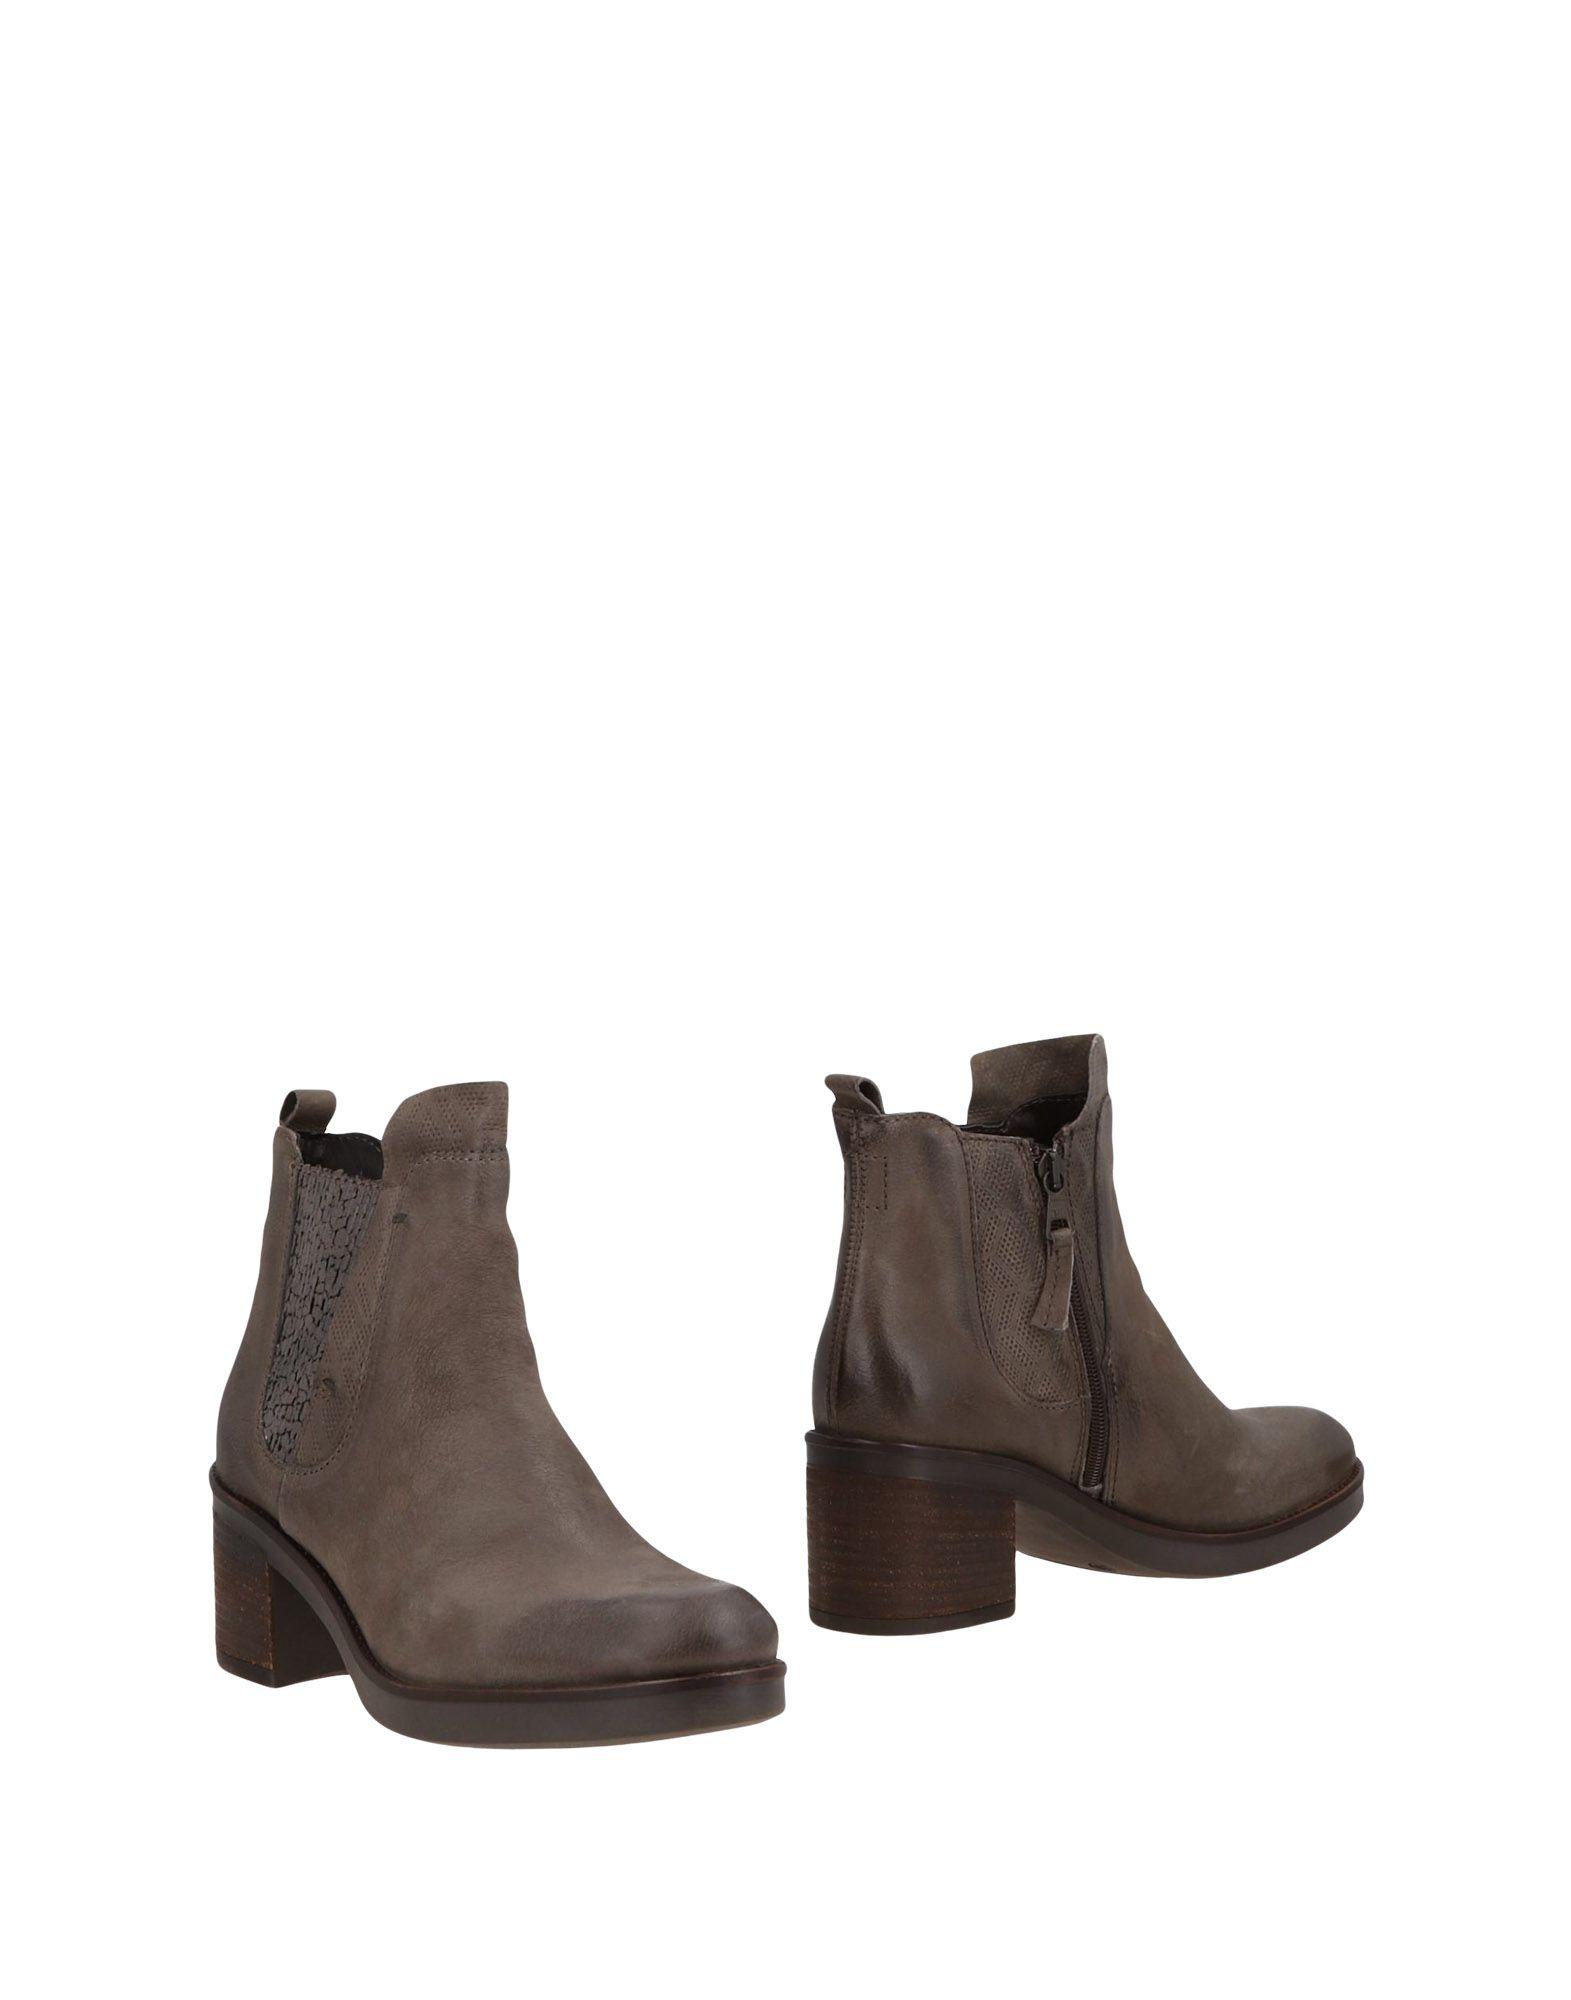 MJUS Полусапоги и высокие ботинки кроссовки mjus 878104 302 0001 salvia fossile militare